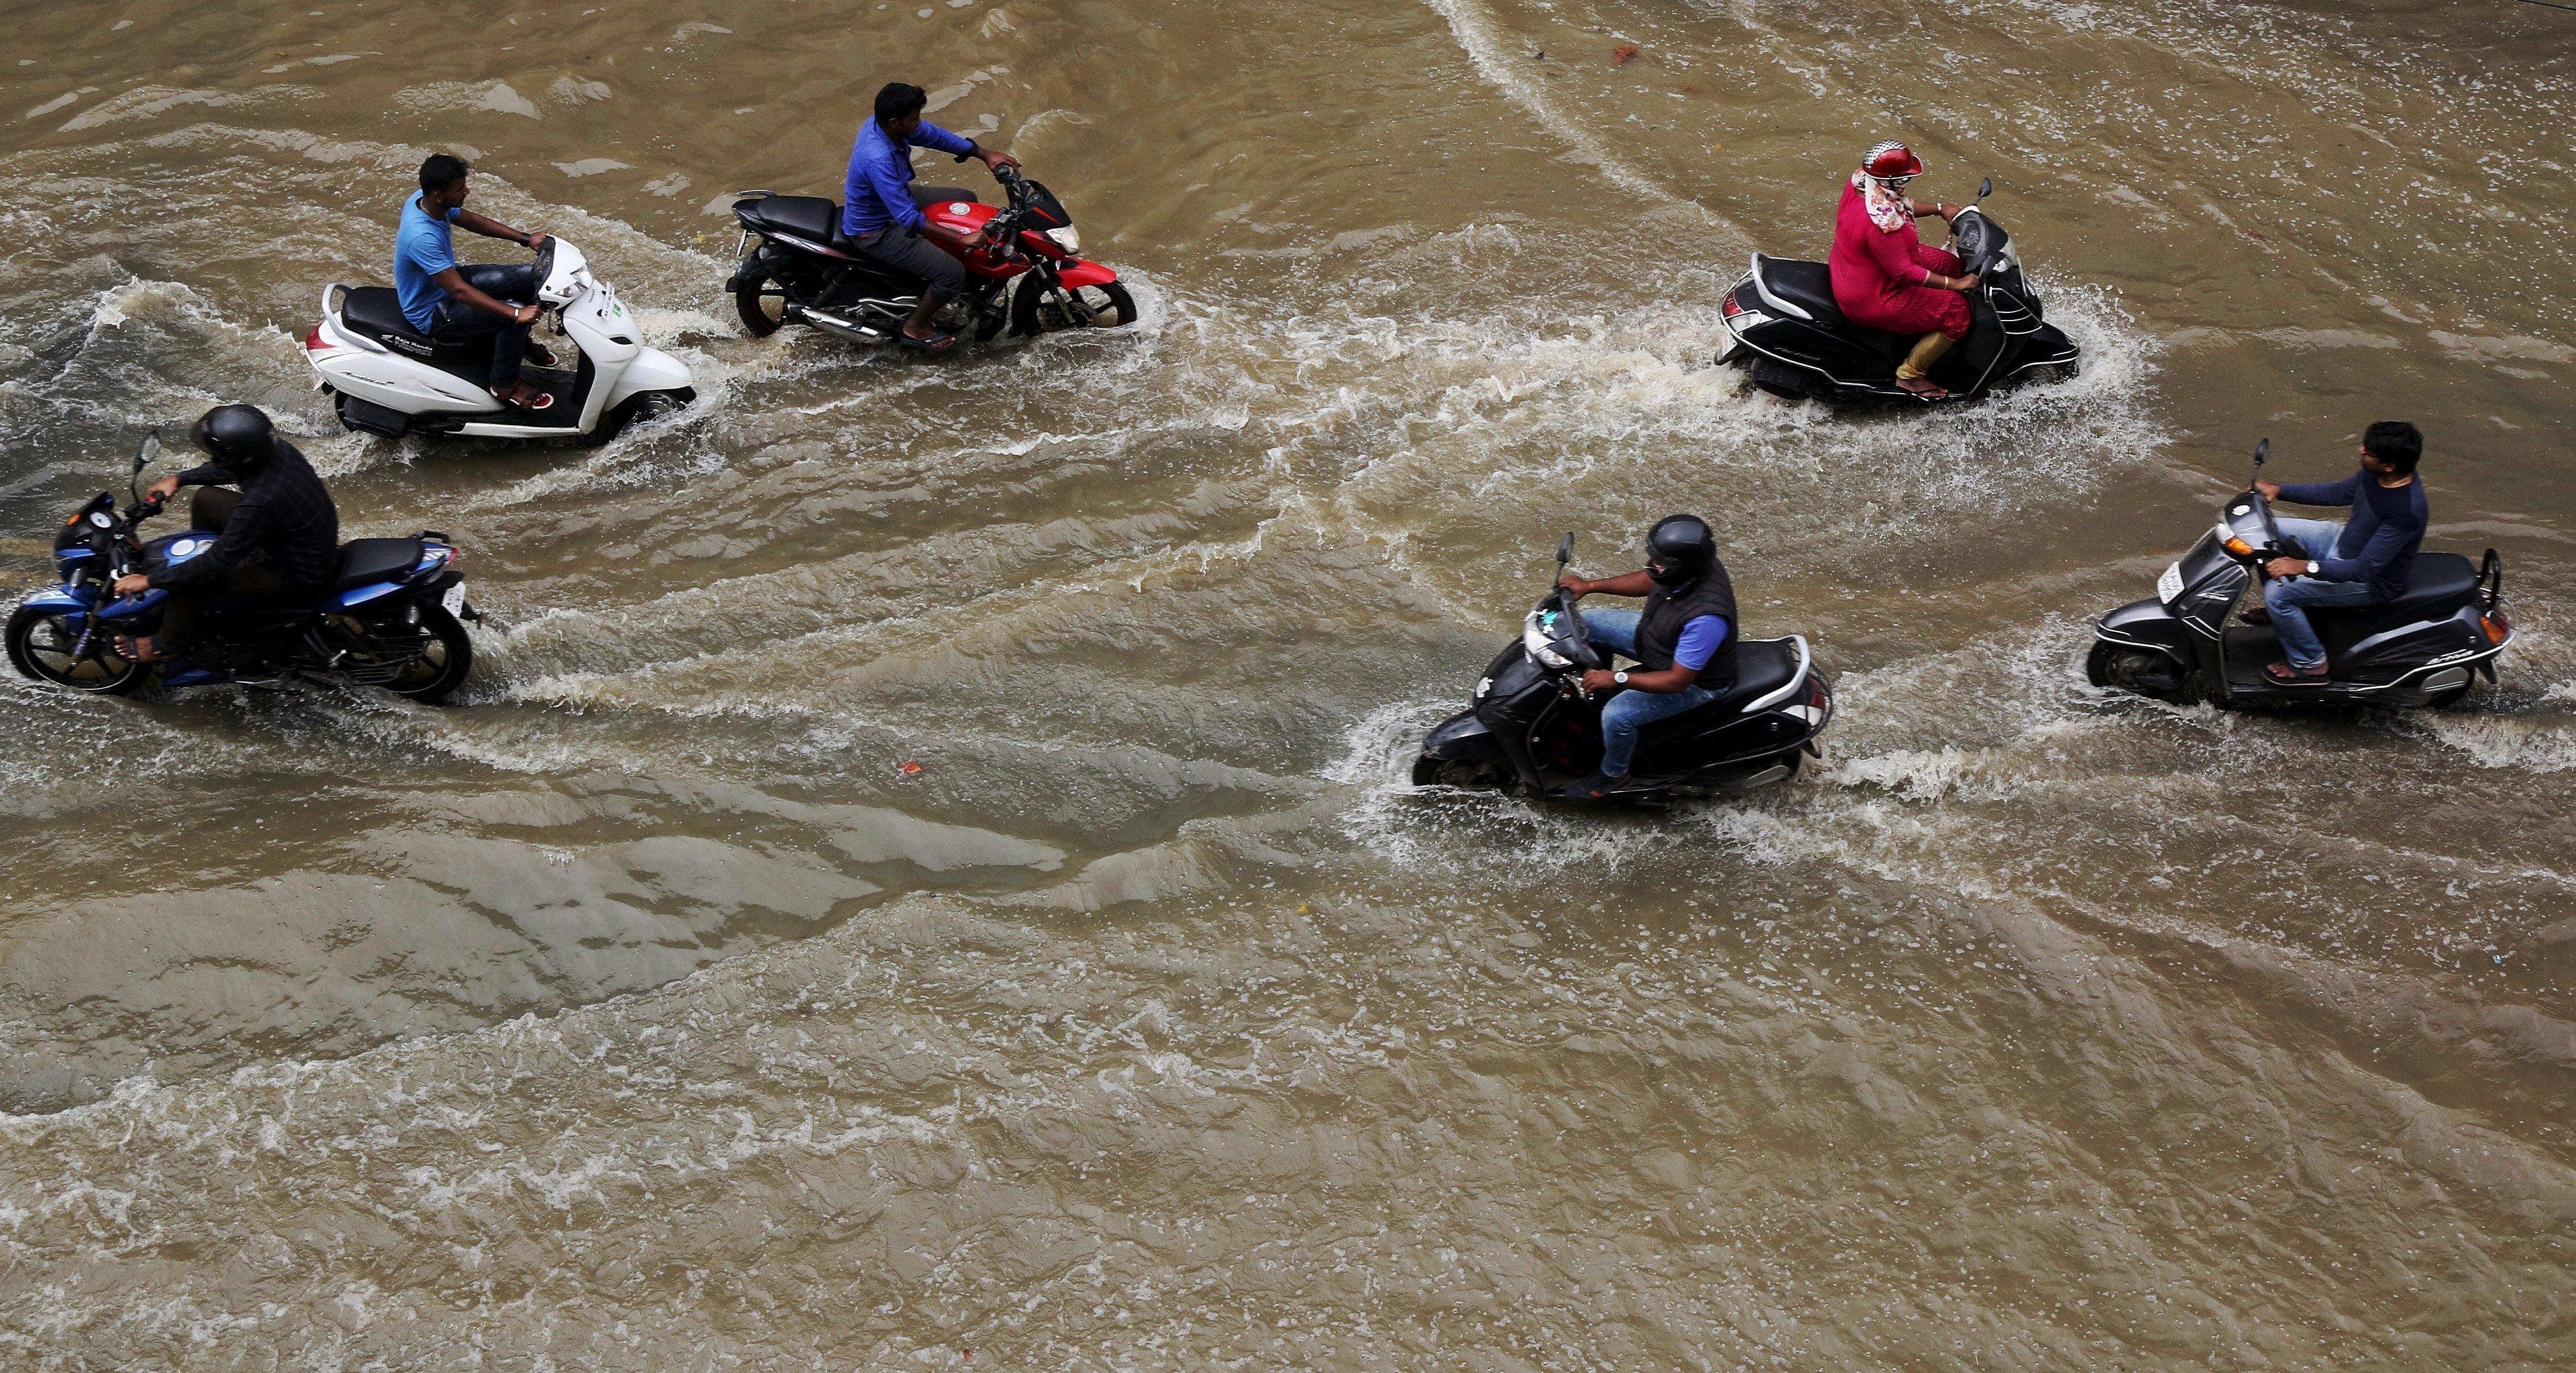 Motoristes circulen per un carrer inundat després de les fortes pluges registrades a Bangalore, Índia. /JAGADEESH NV